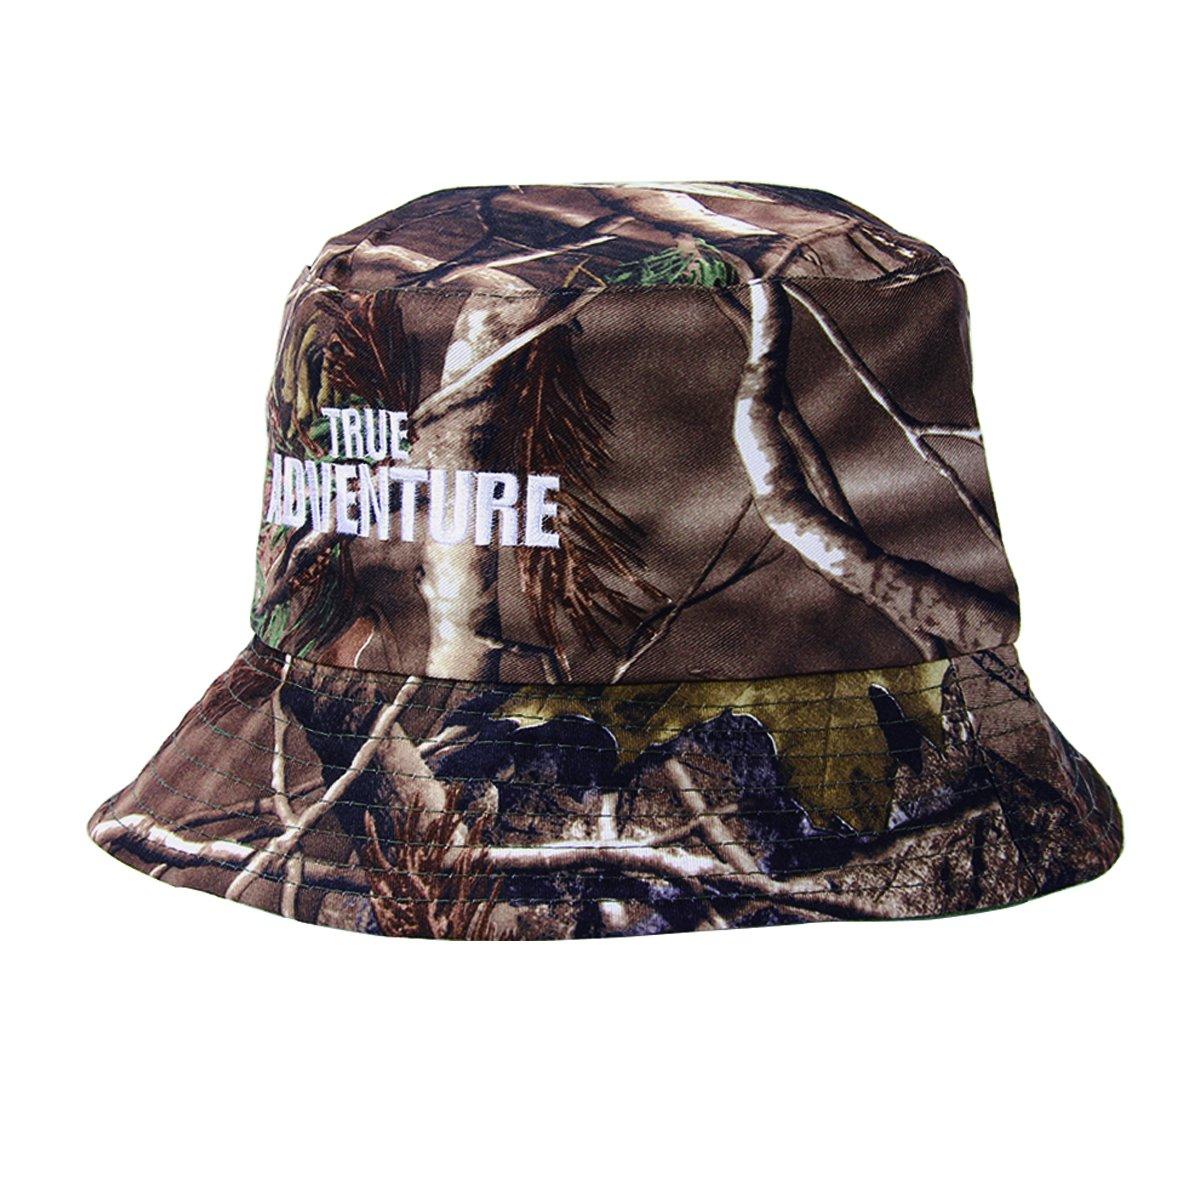 yode sity Pesca camuflaje sombrero de béisbol Gorro Senderismo Tapa Set sol protección Tactical caza exterior, Sonnenhut Yodensity